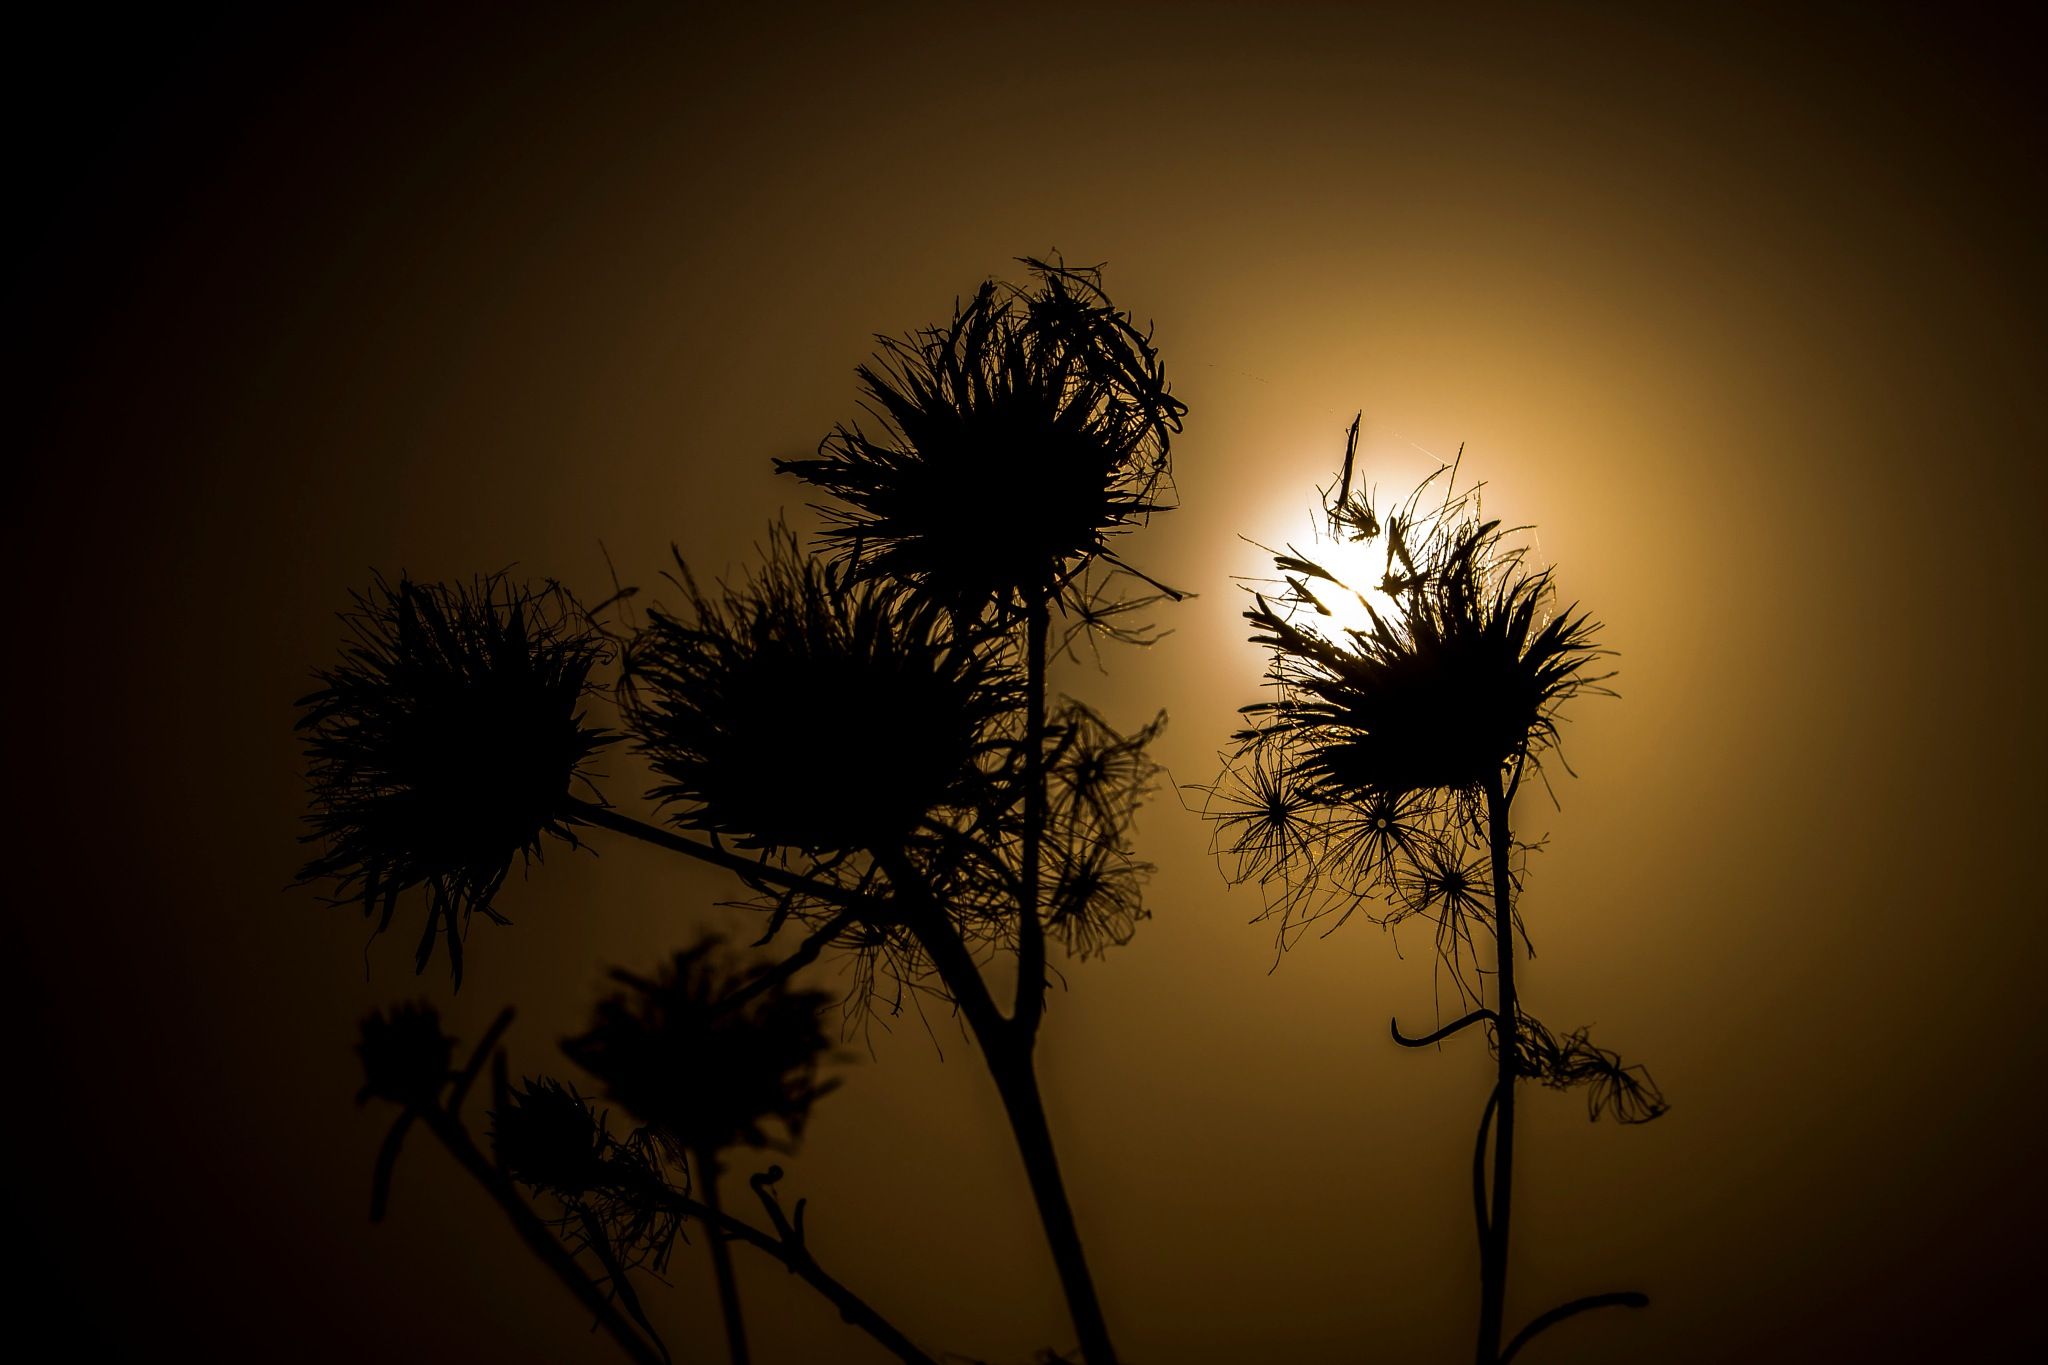 Shadows by Nektarios Mpouterakos